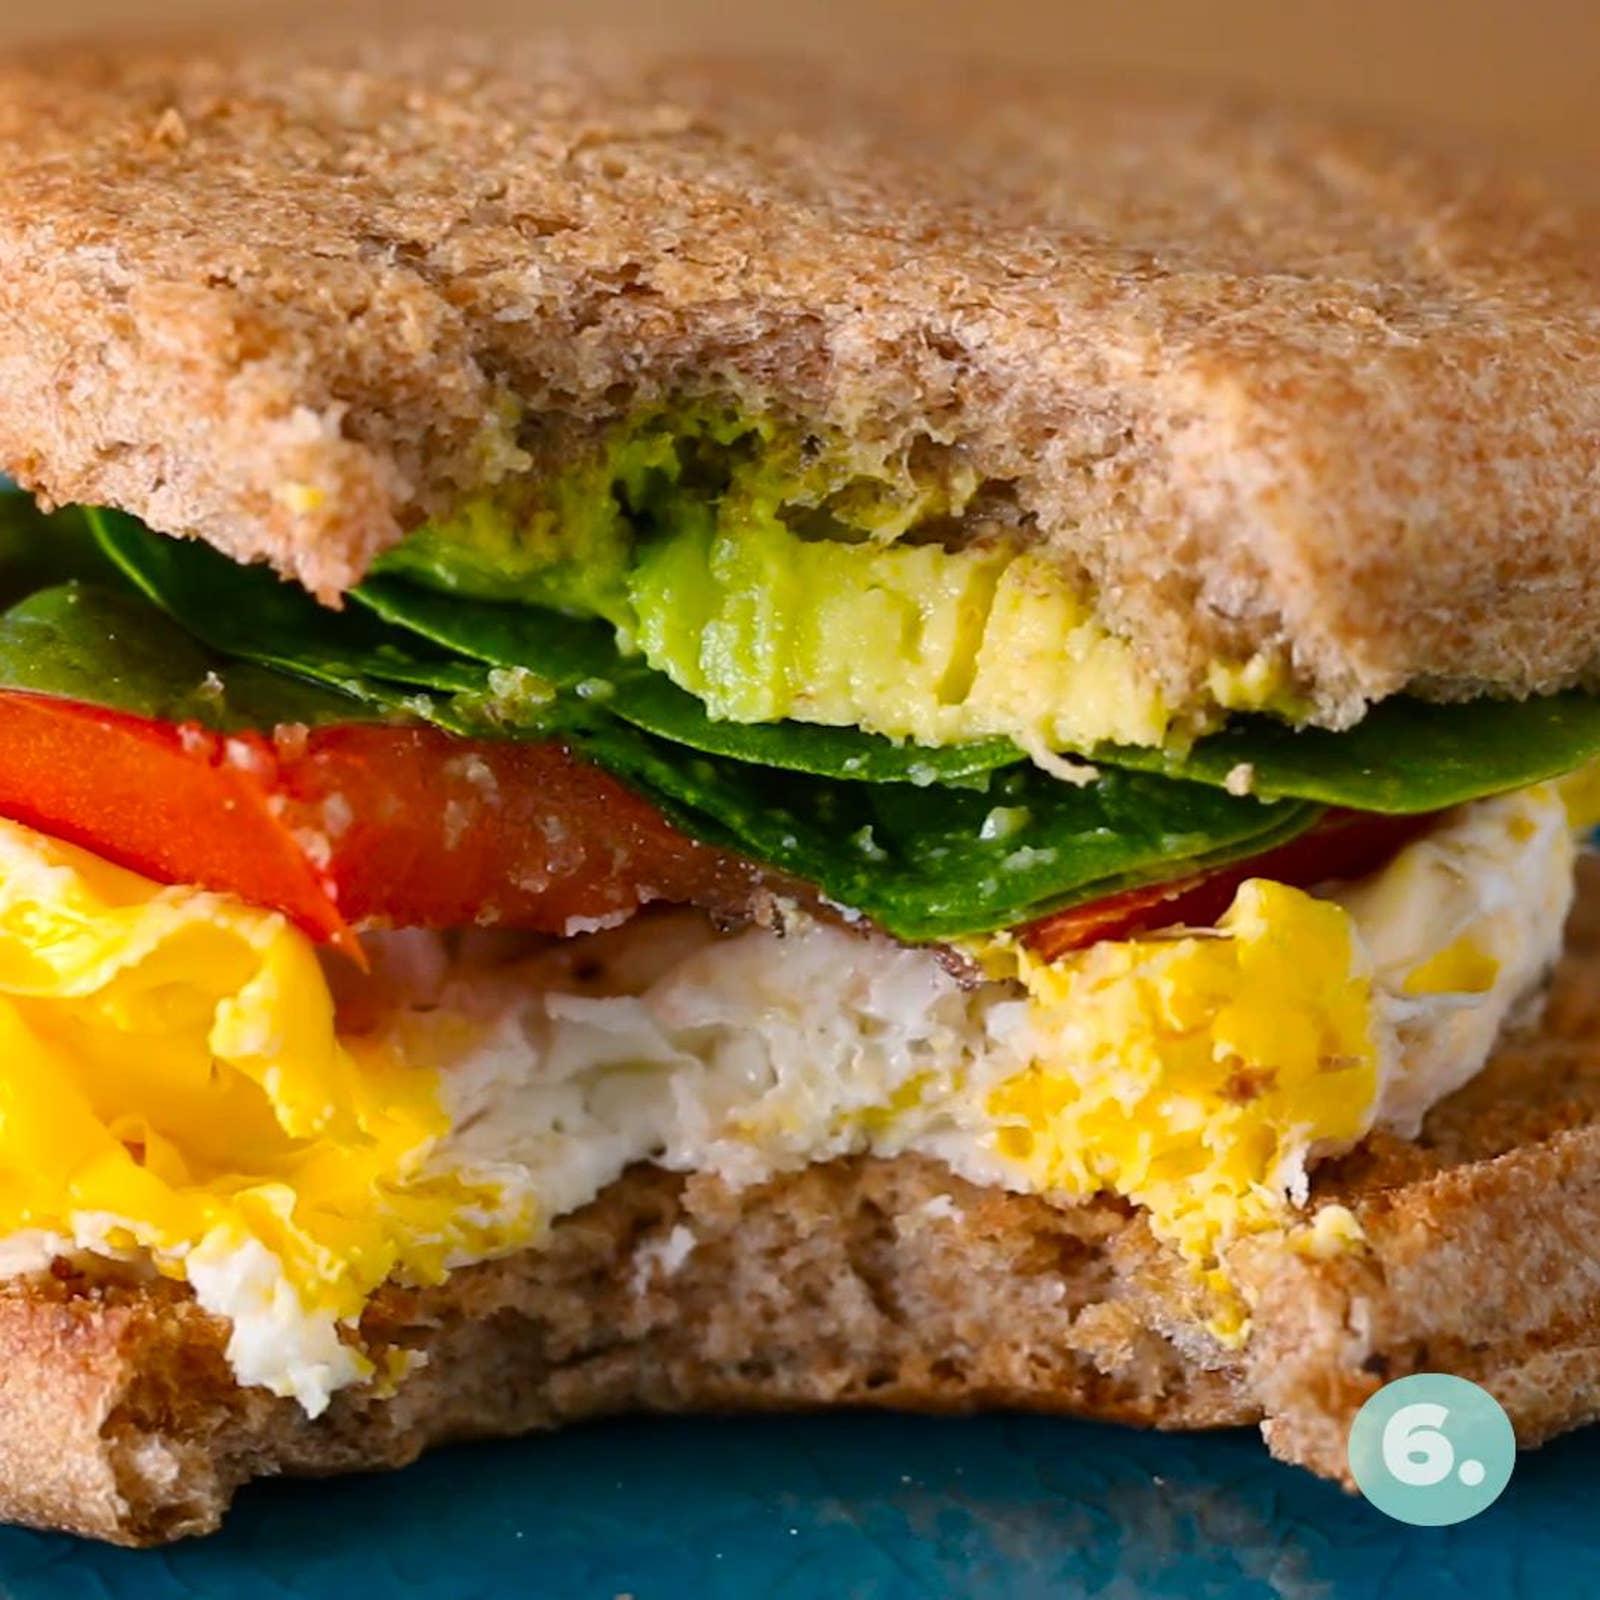 Microwaved Egg Breakfast Sandwich